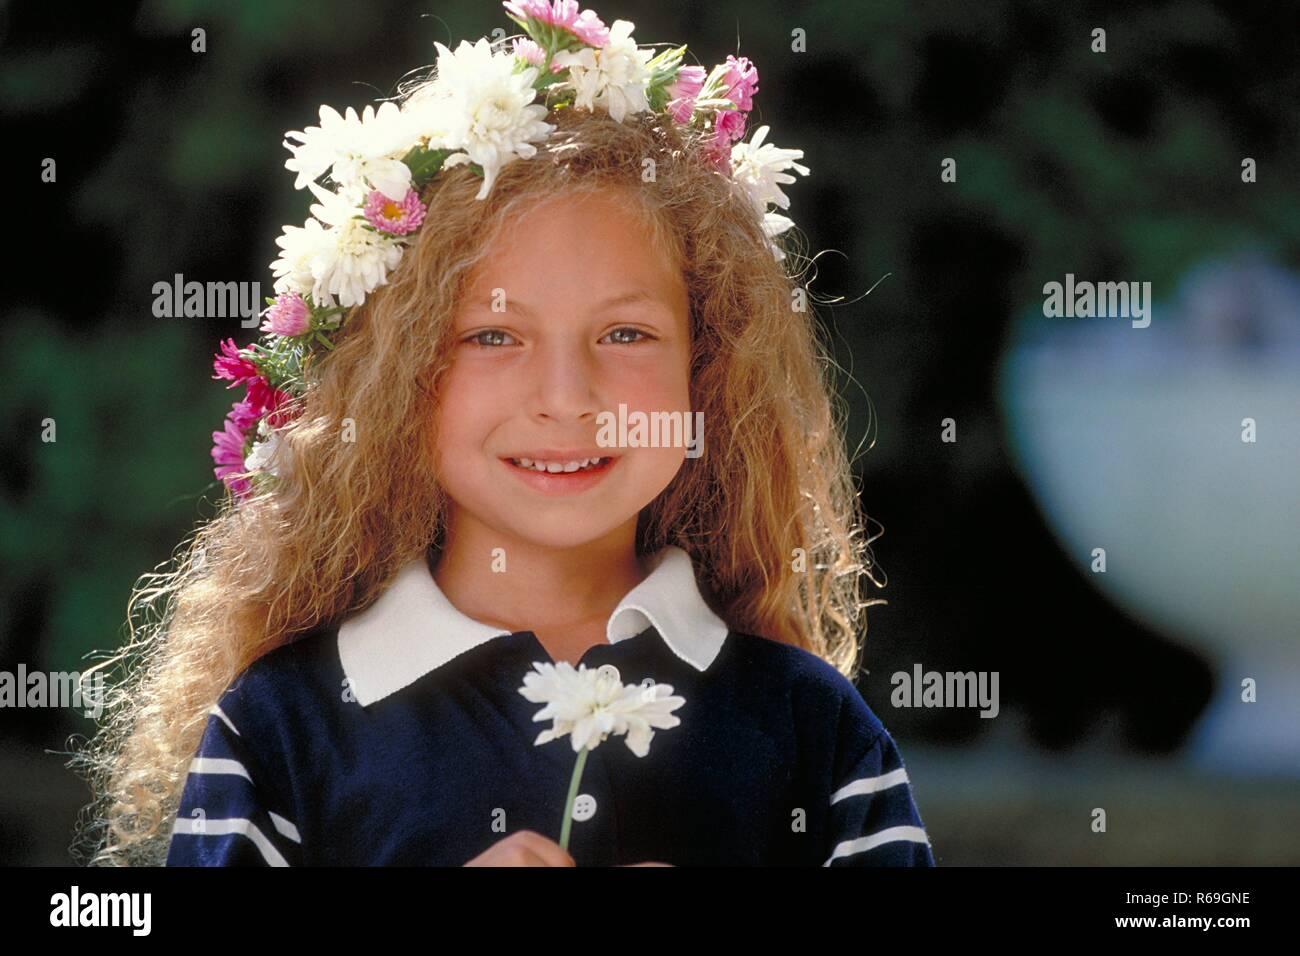 portrait, outdoor, maedchen, 6 jahre alt, bekleidet mit blau